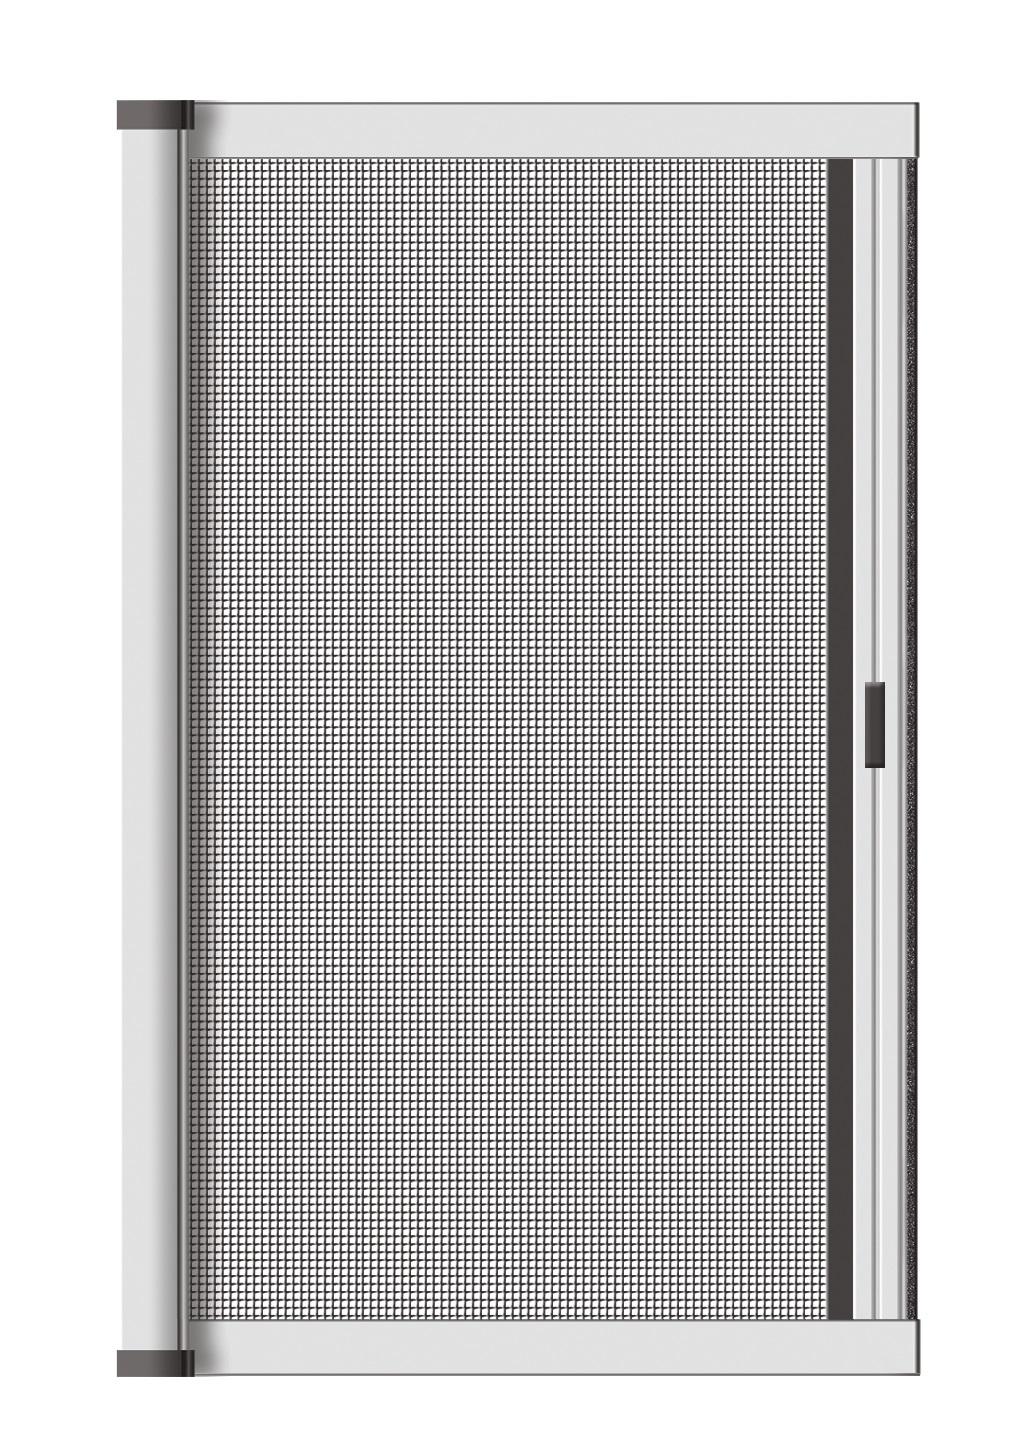 schellenberg insektenschutz klemmrollo premium t ren 160x225 braun wei neu ebay. Black Bedroom Furniture Sets. Home Design Ideas